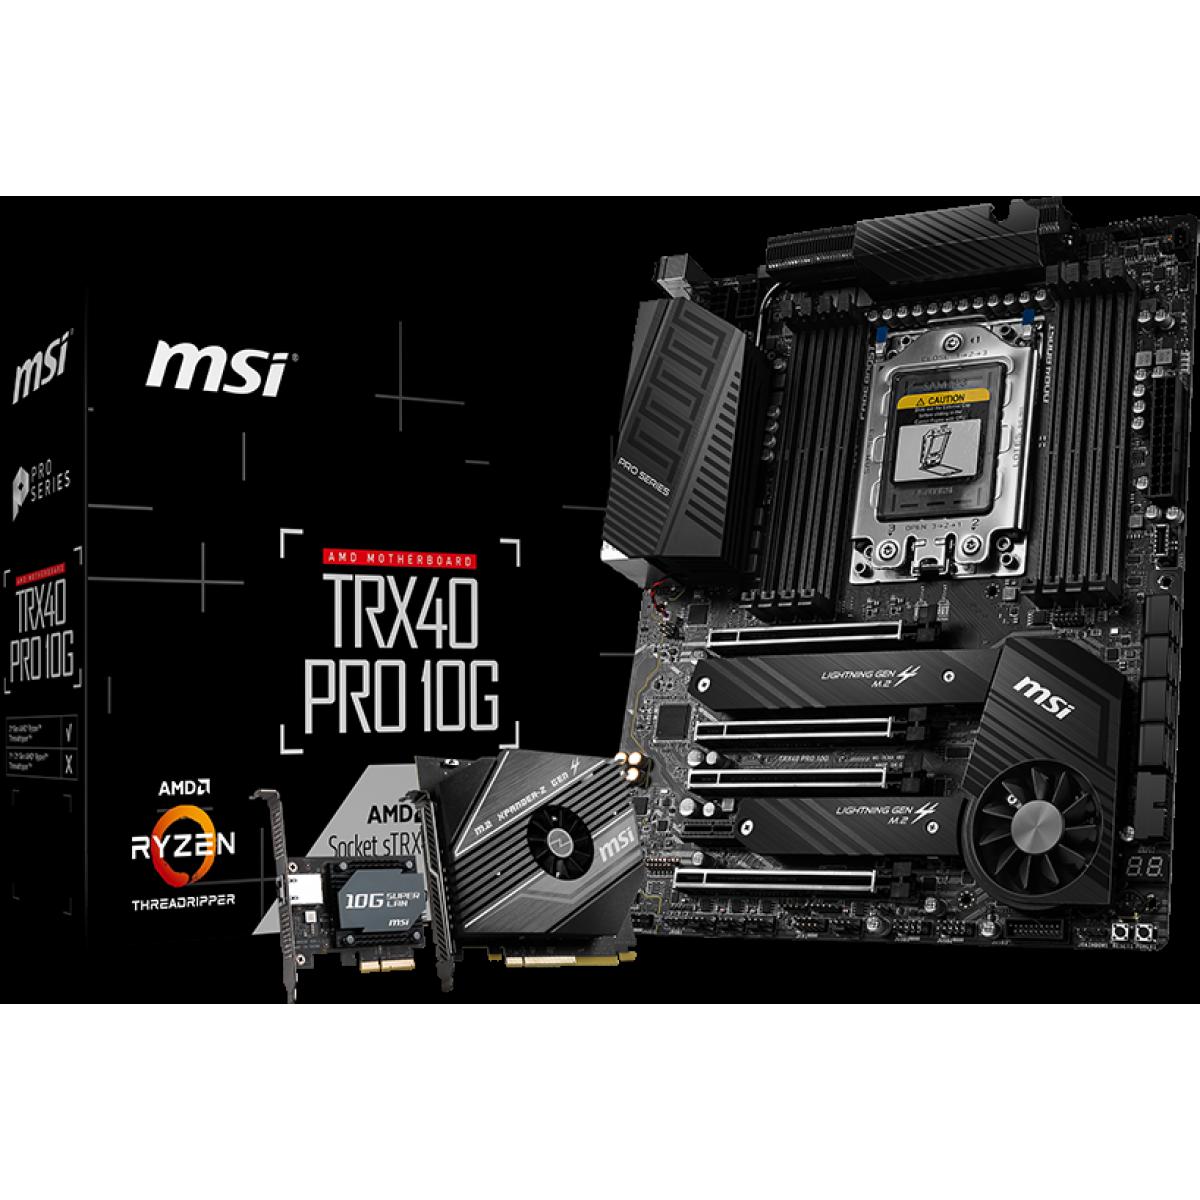 Placa Mãe MSI TRX40 Pro 10G, Chipset TRX40, AMD sTRX4, ATX, DDR4